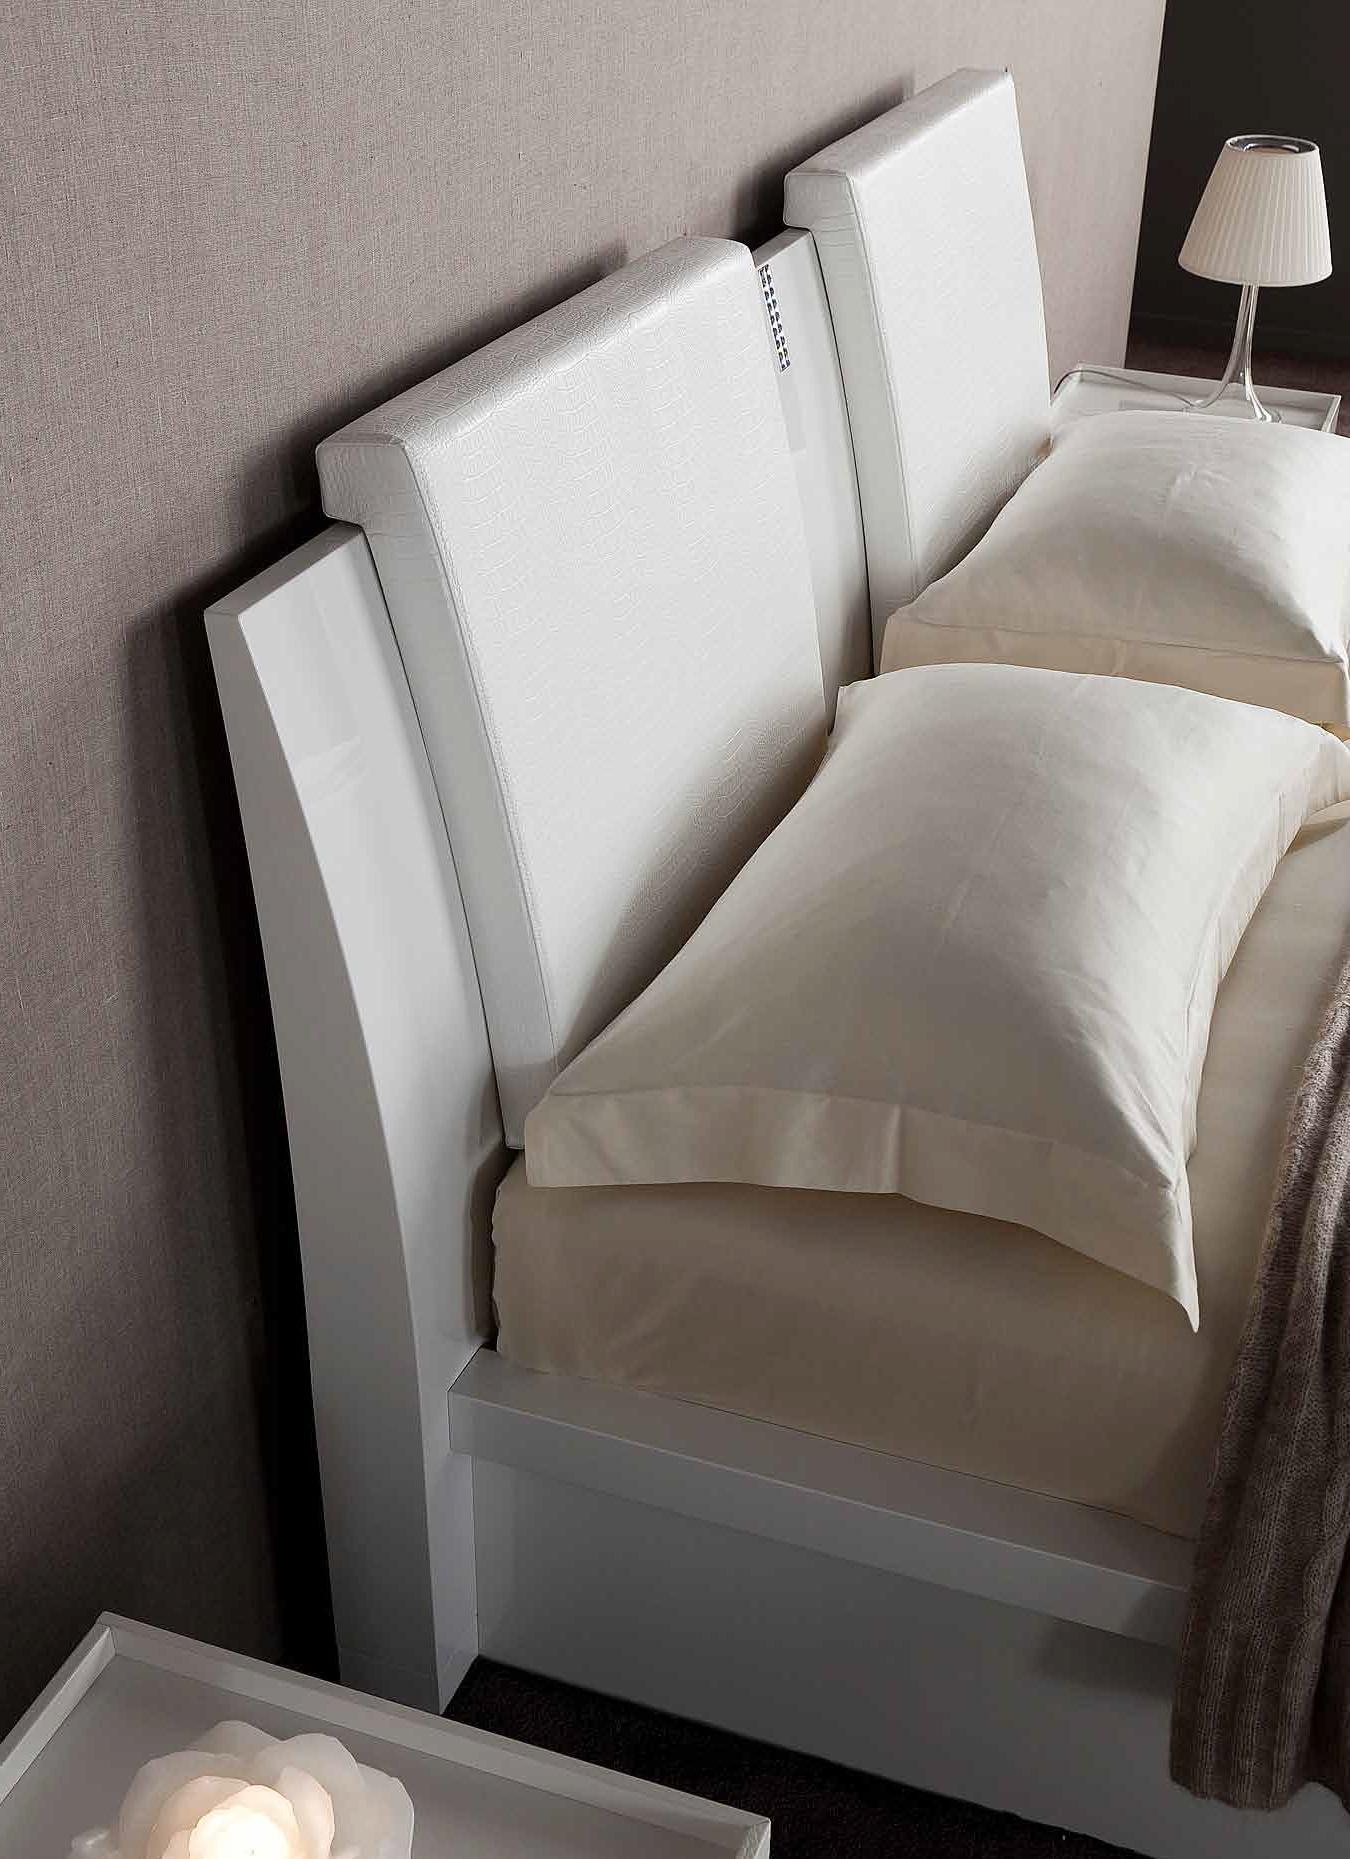 Удобные накладные спинки на изголовье кровати для сидения